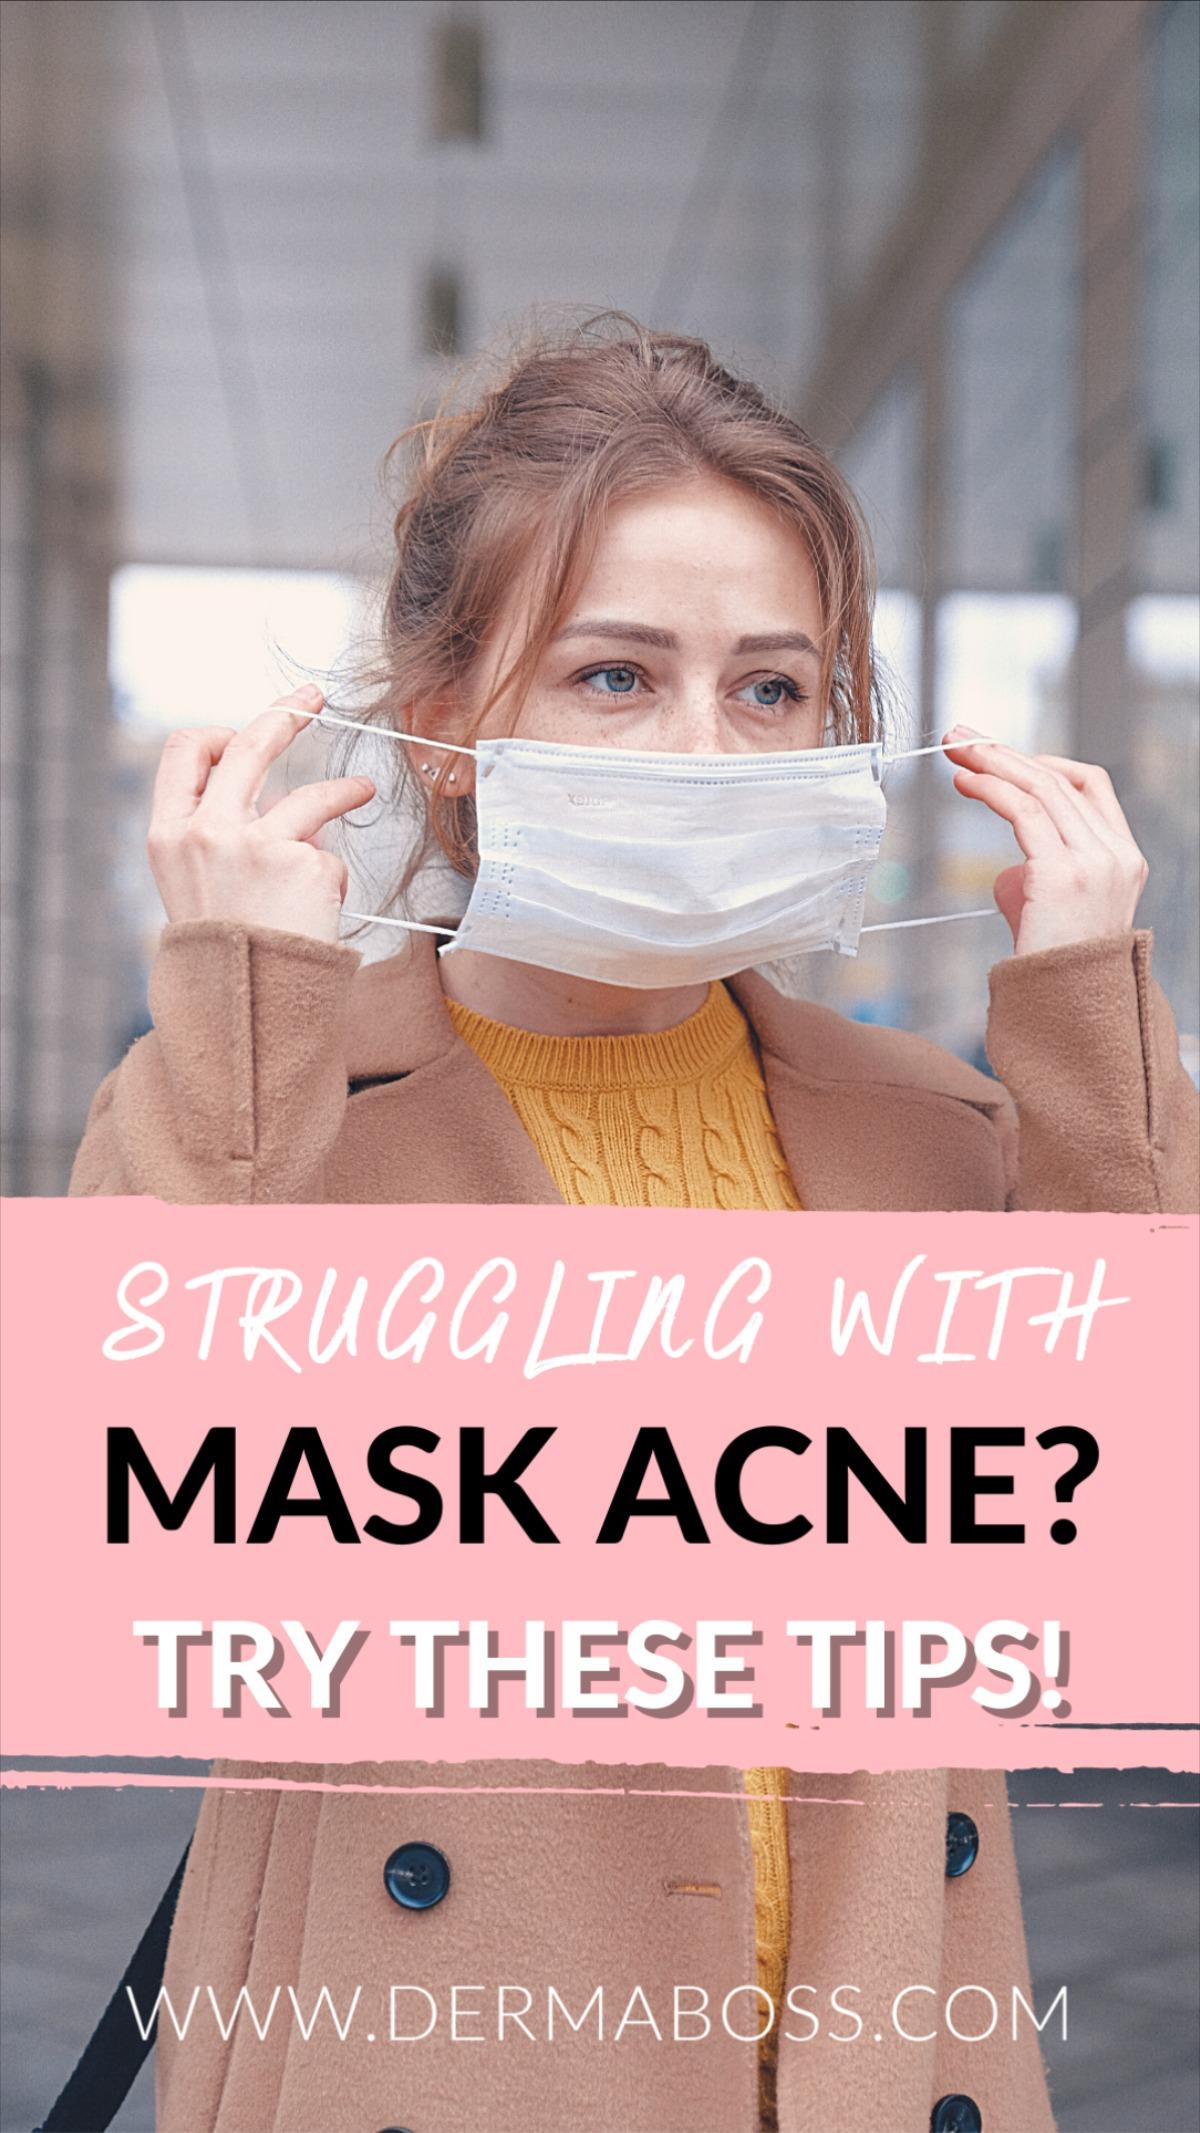 How to Avoid Mask Acne - DermaBoss